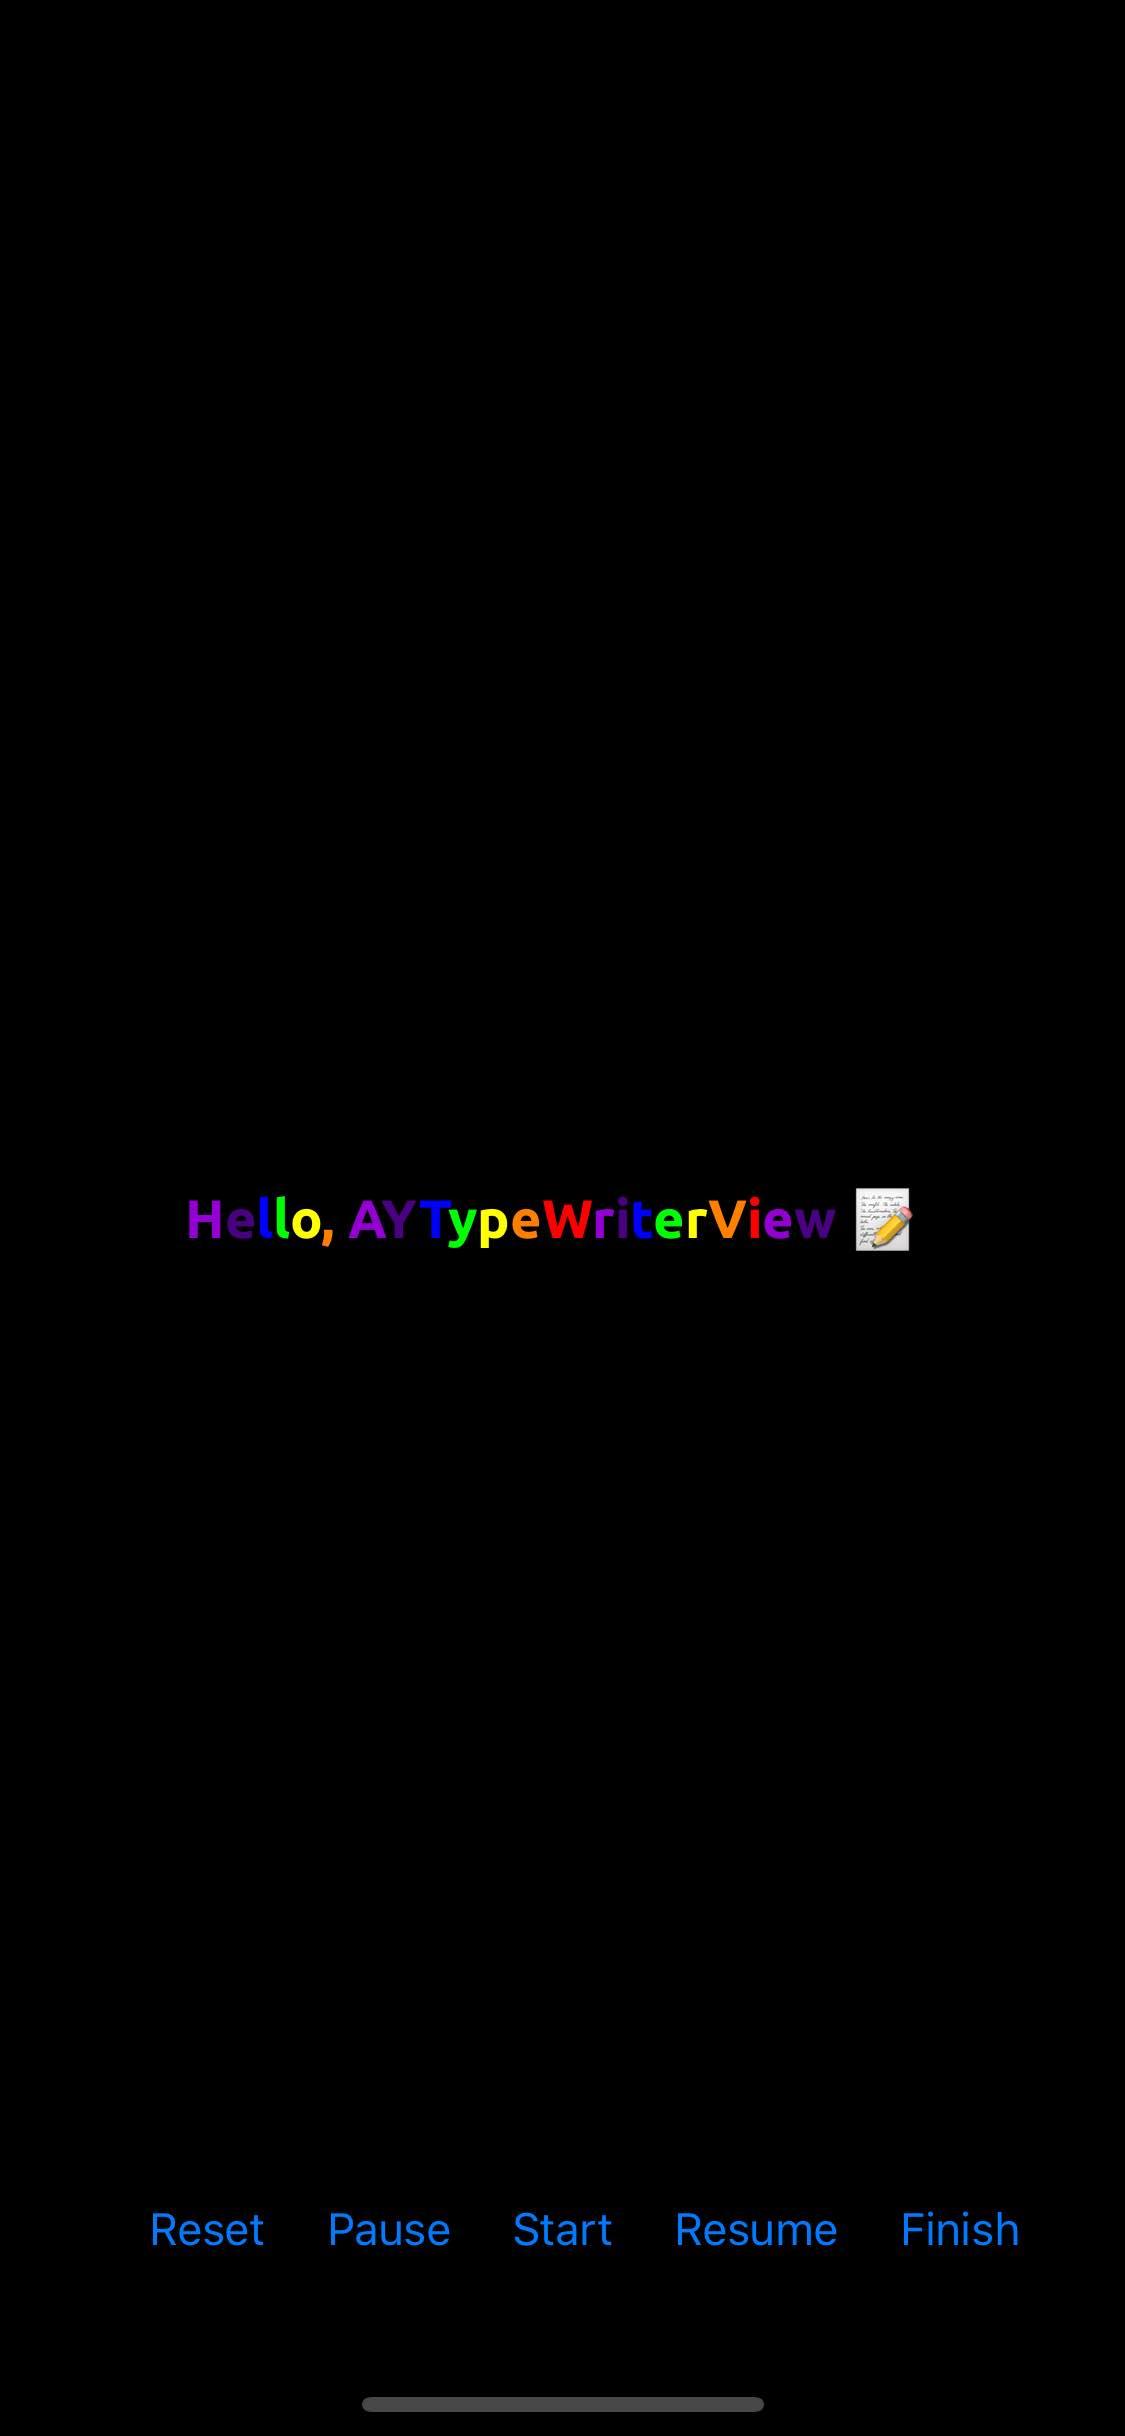 AYTypeWriter screenshot